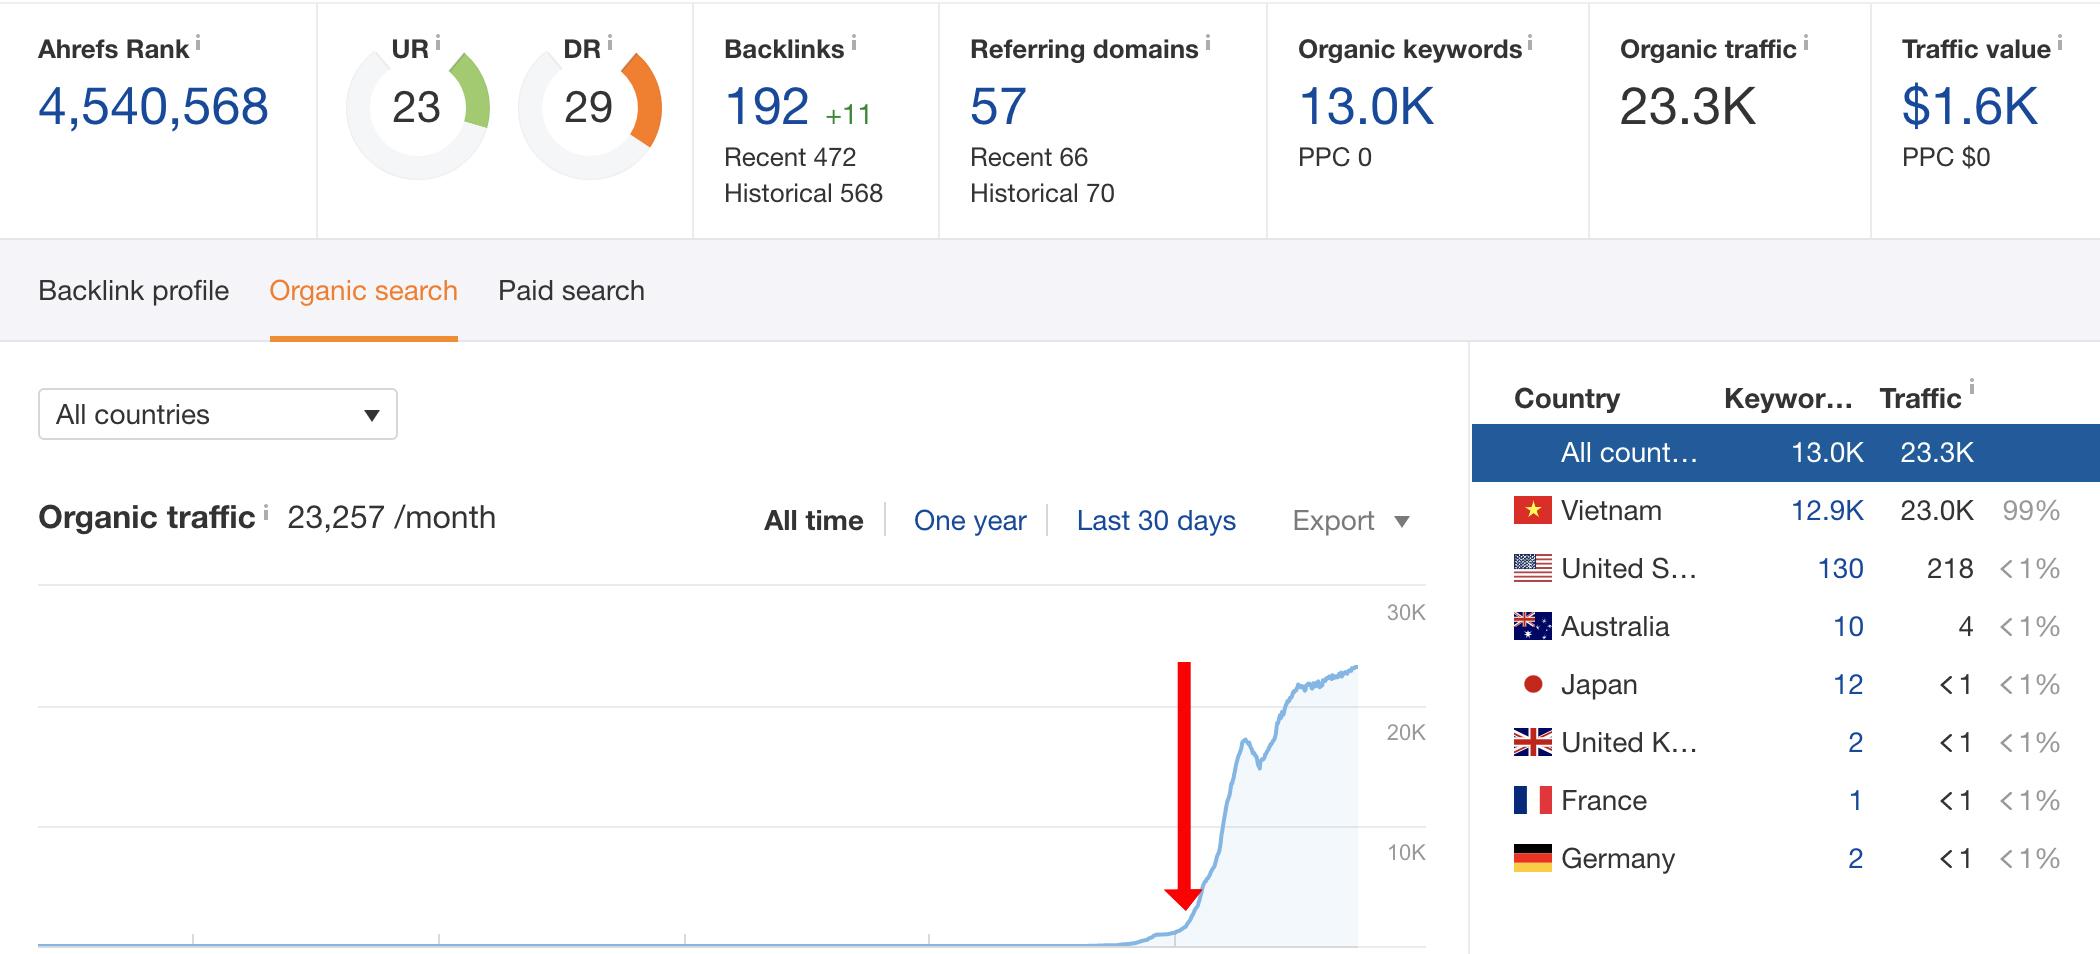 Tăng thức hạng website khi sử dụng dịch vụ Entity - Ảnh 1